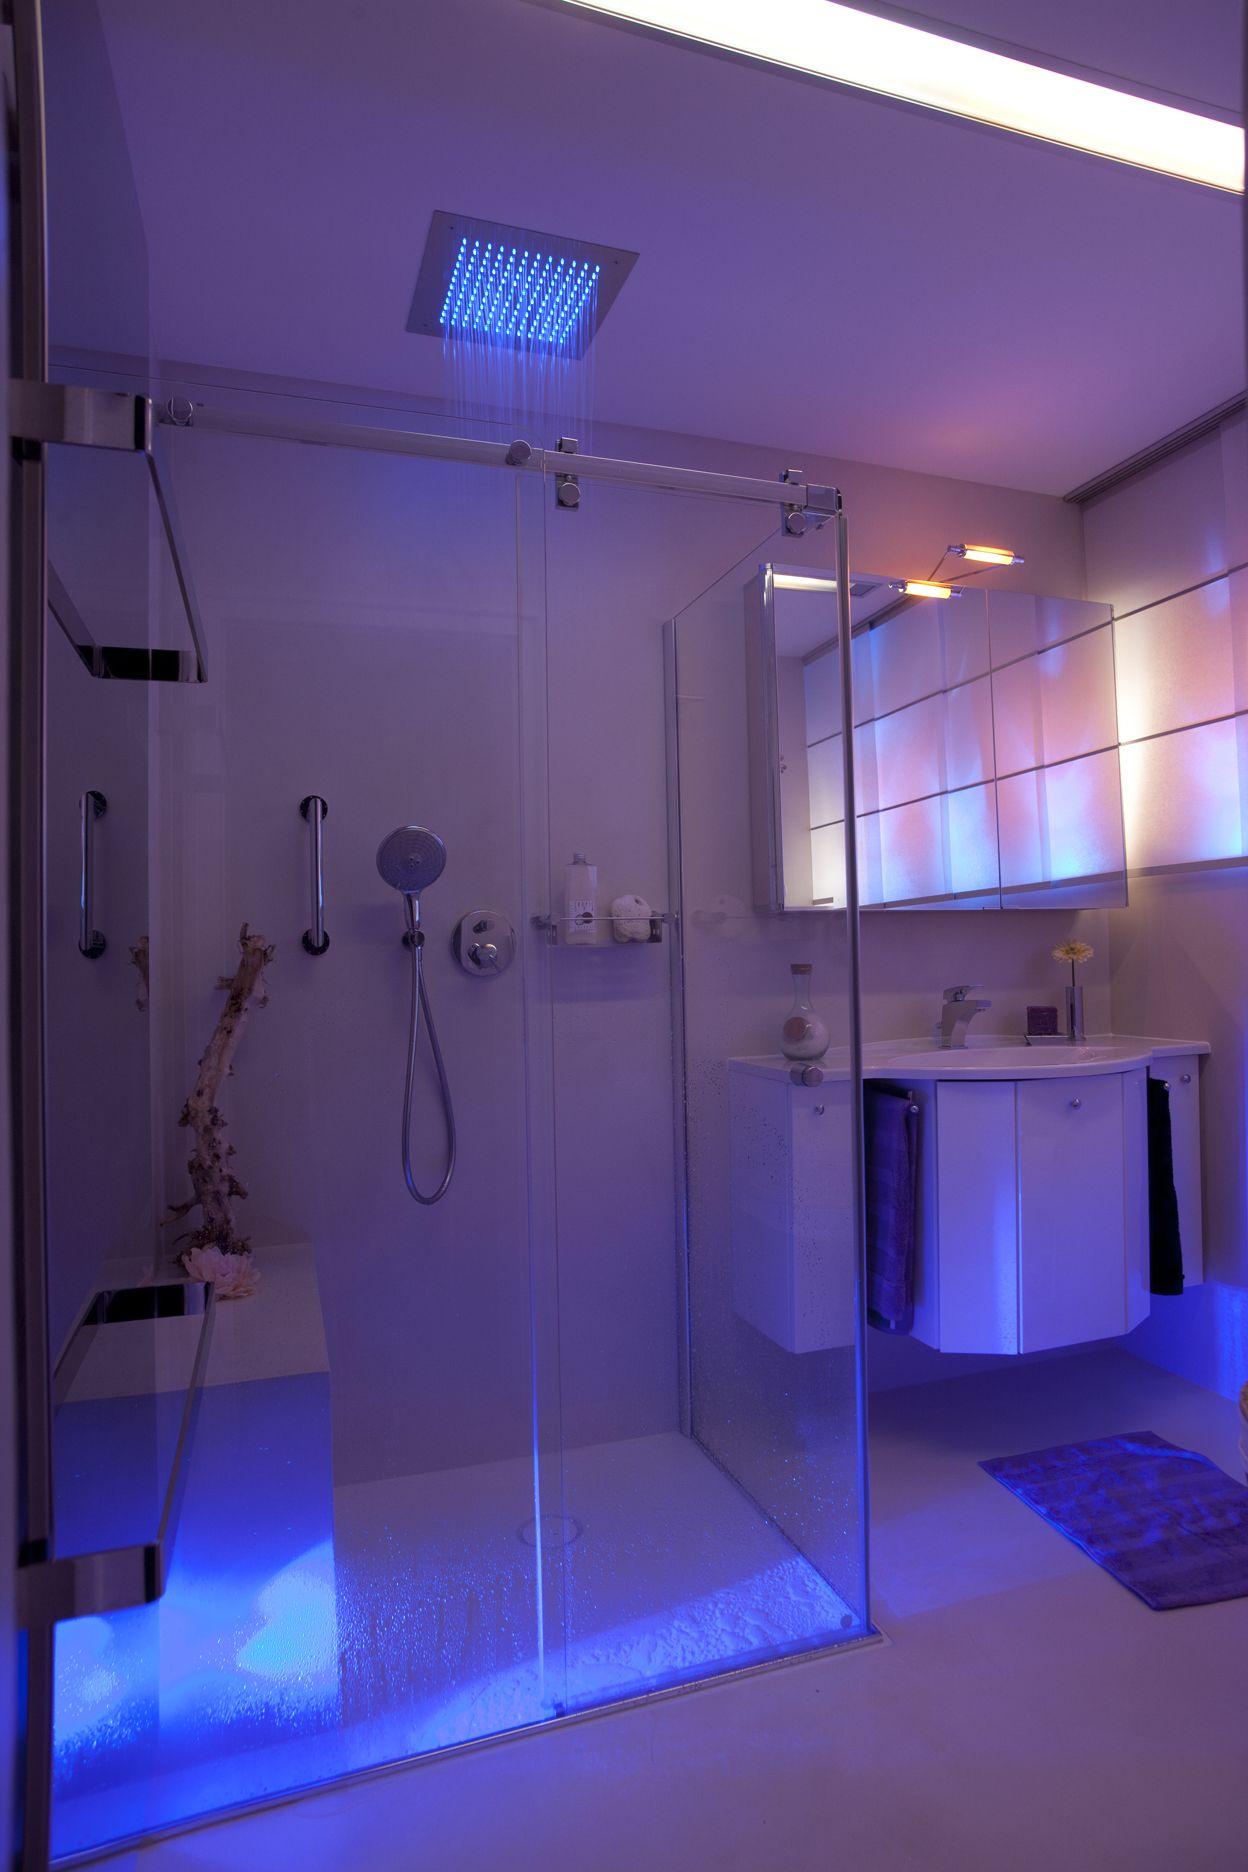 Bezaubernd Dusche Gestalten Foto Von Das Gäste Bad Fugenlos Gestalten. Ive Einer